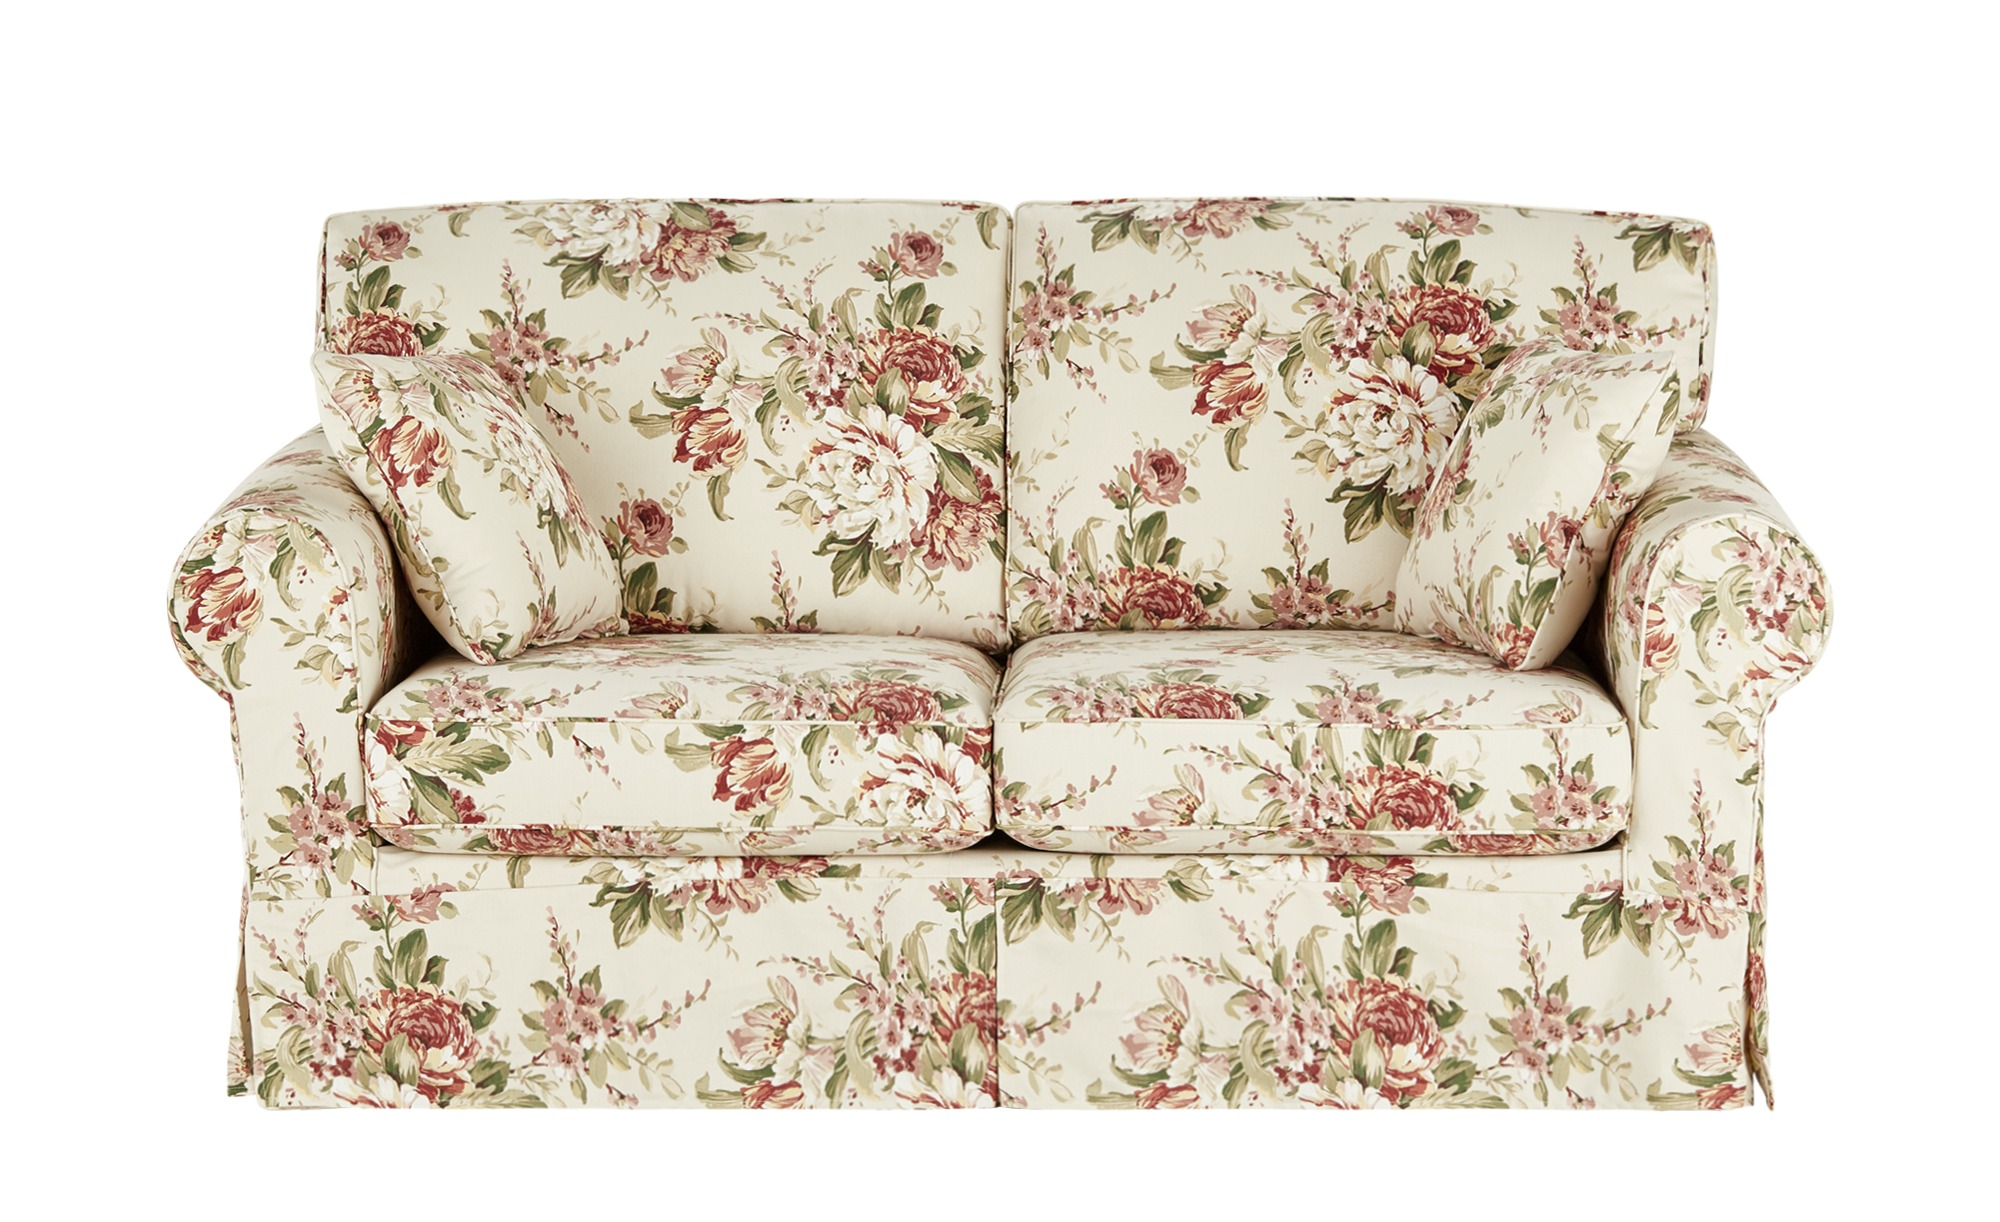 Full Size of Sofa 2 Kare Mit Bettfunktion Togo Schlaf Schlaffunktion Polster Reinigen Ektorp Neu Beziehen Lassen Kaufen Günstig Verstellbarer Sitztiefe Kinderzimmer 3 Sofa Sofa Husse